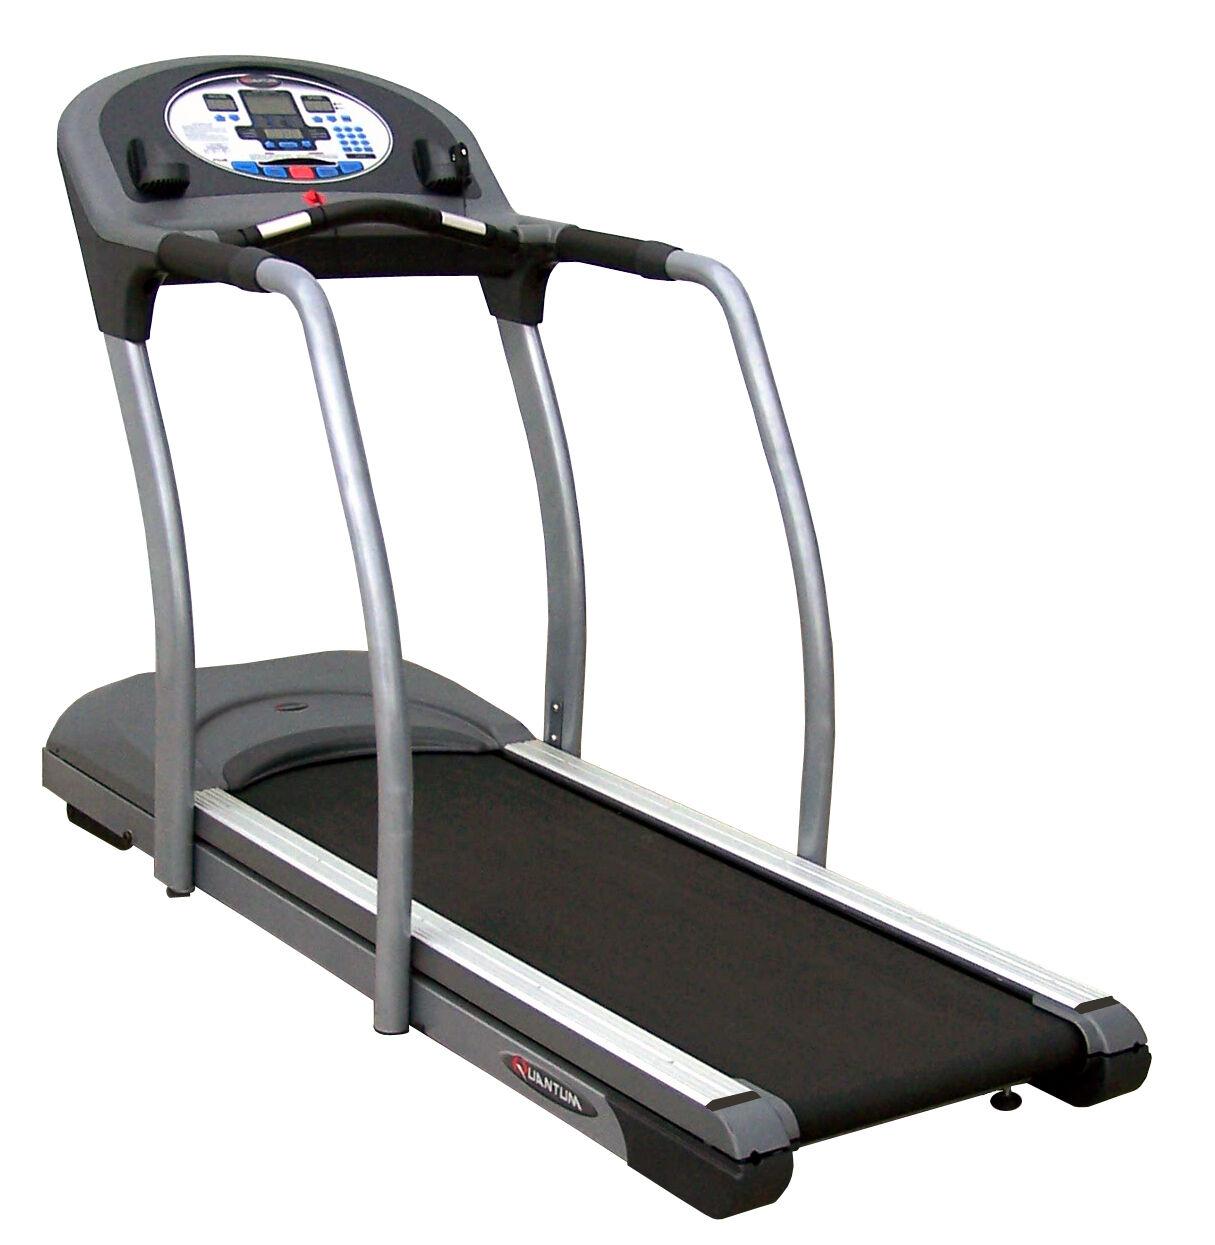 Treadmills, NordicTrack Treadmills, HealthRider Treadmills